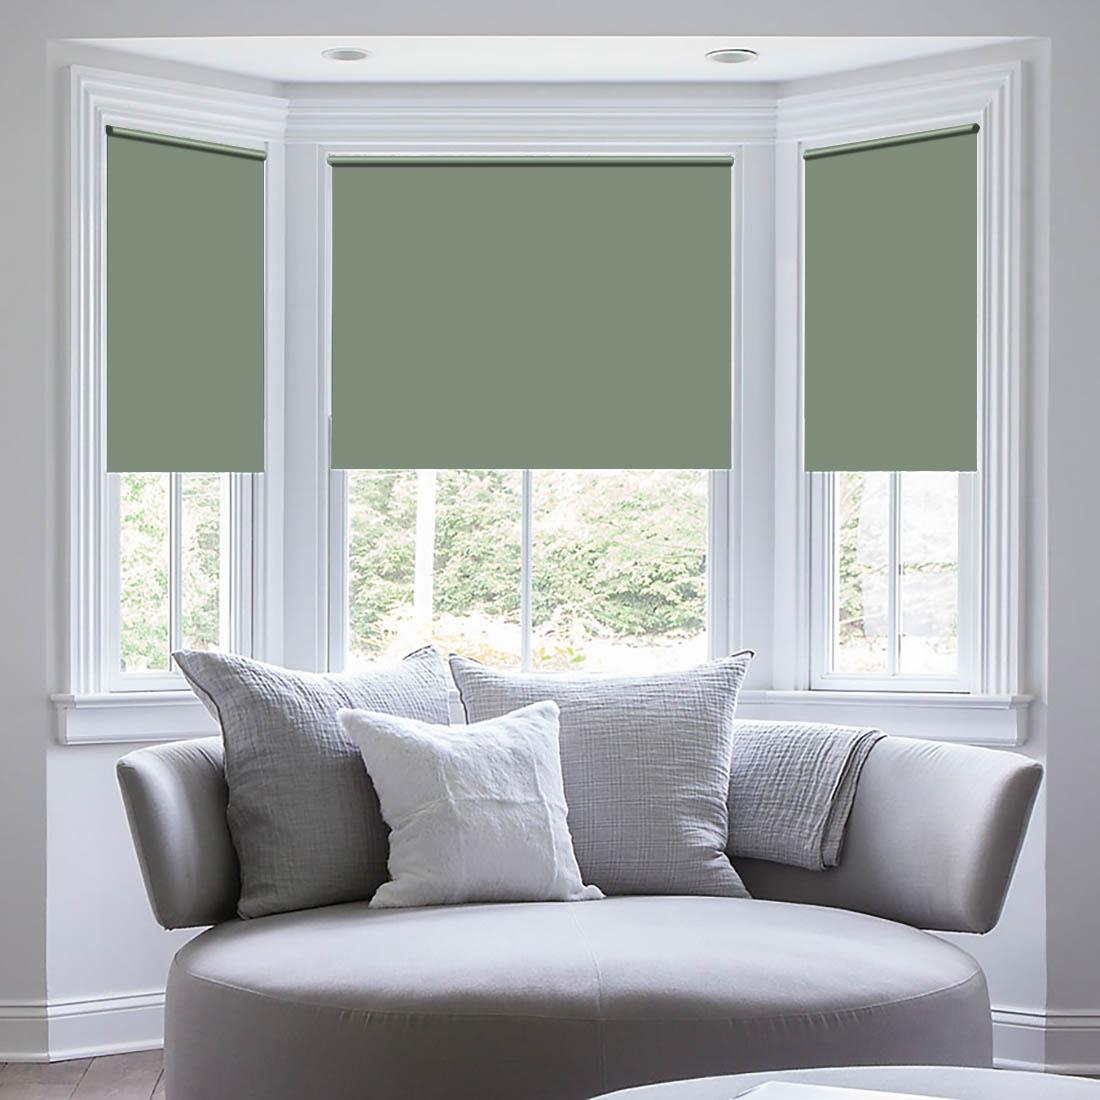 """Штора рулонная Sleep iX """"Eclipce"""", цвет: зеленый, серебристый, высота 172 см, ширина 68 см"""